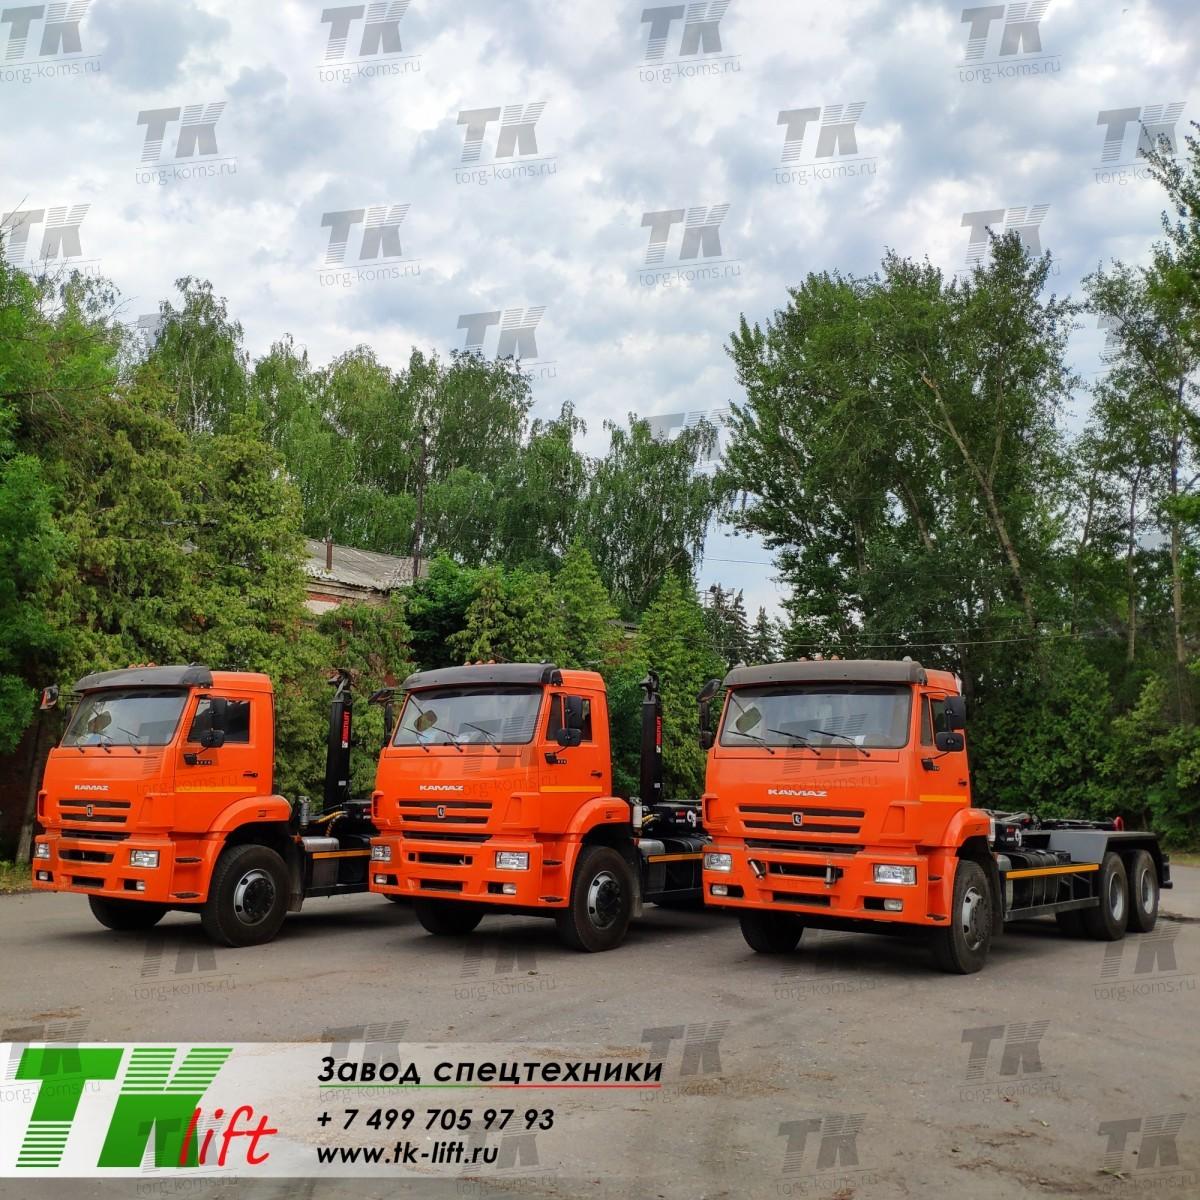 Мультилифт HIAB Optima 20S59 на шасси КАМАЗ 6520-3072-53